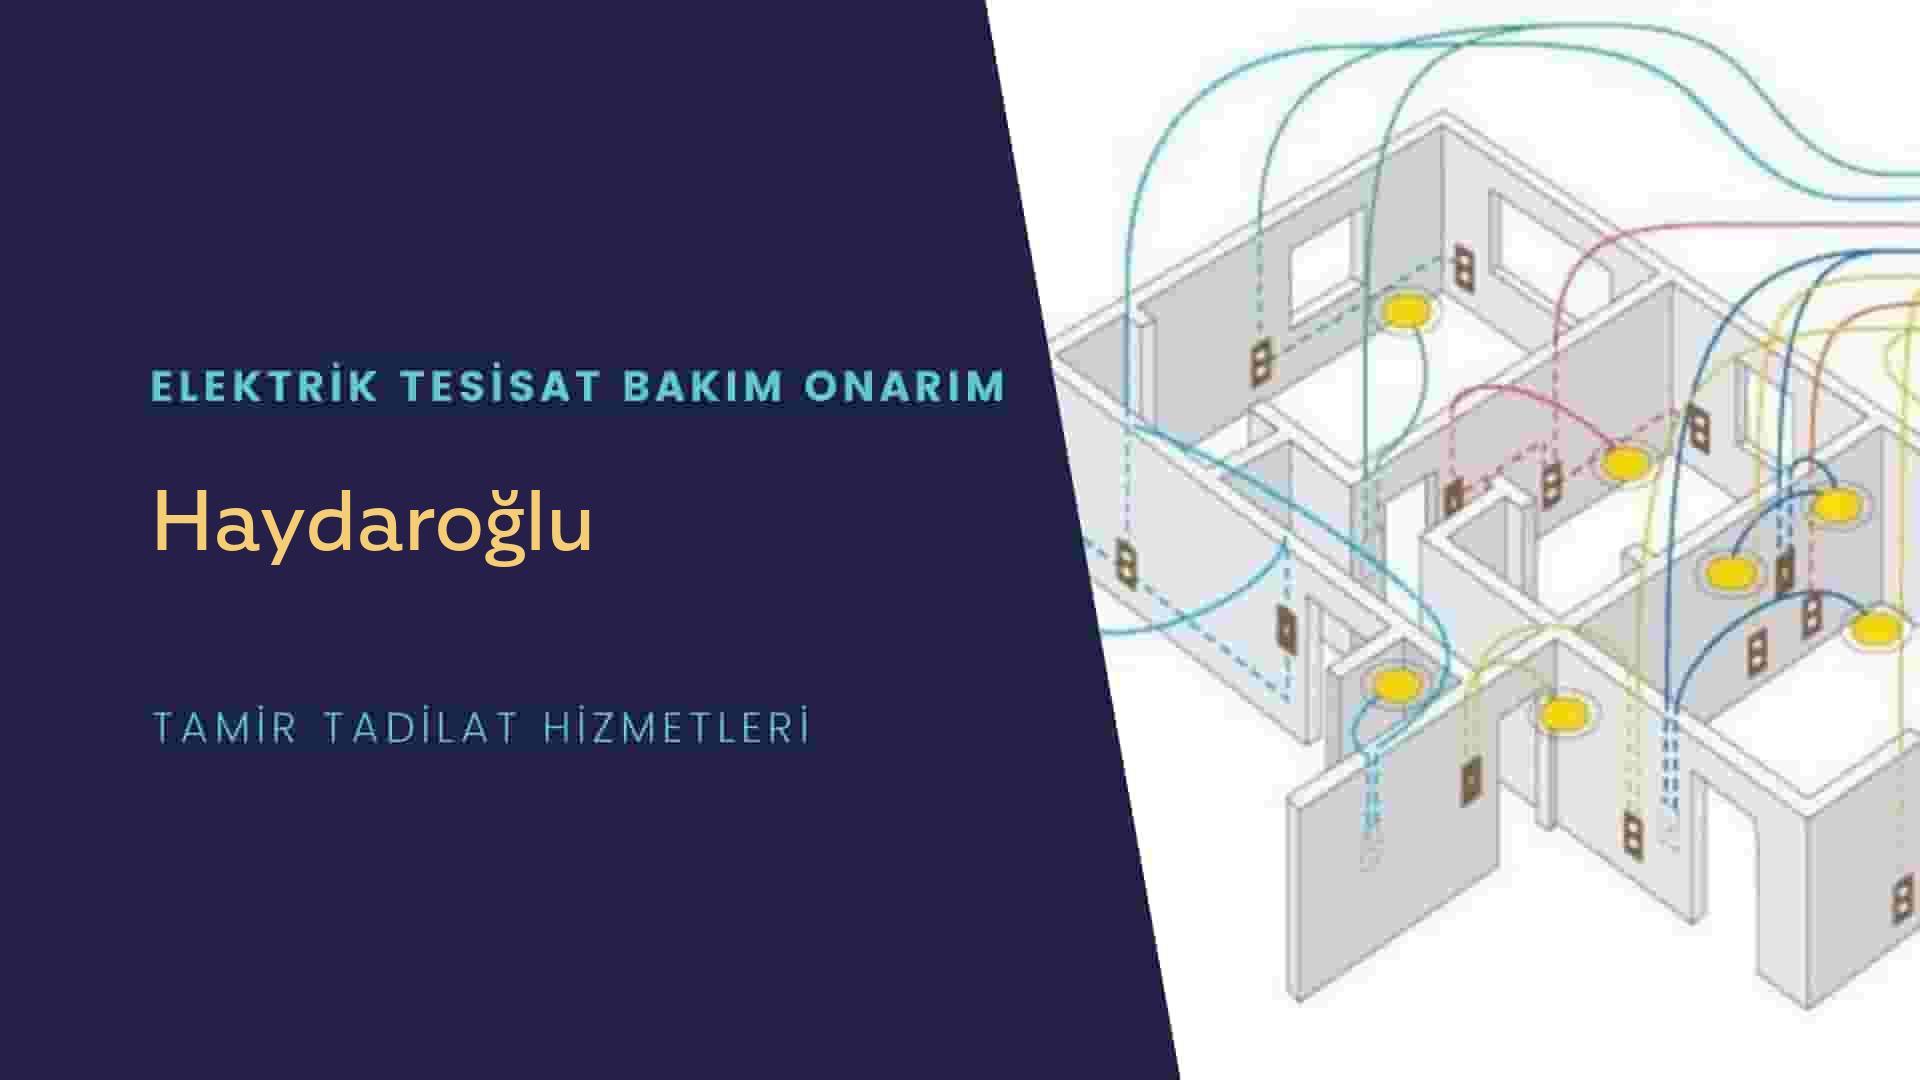 Haydaroğlu'da elektrik tesisatıustalarımı arıyorsunuz doğru adrestenizi Haydaroğlu elektrik tesisatı ustalarımız 7/24 sizlere hizmet vermekten mutluluk duyar.